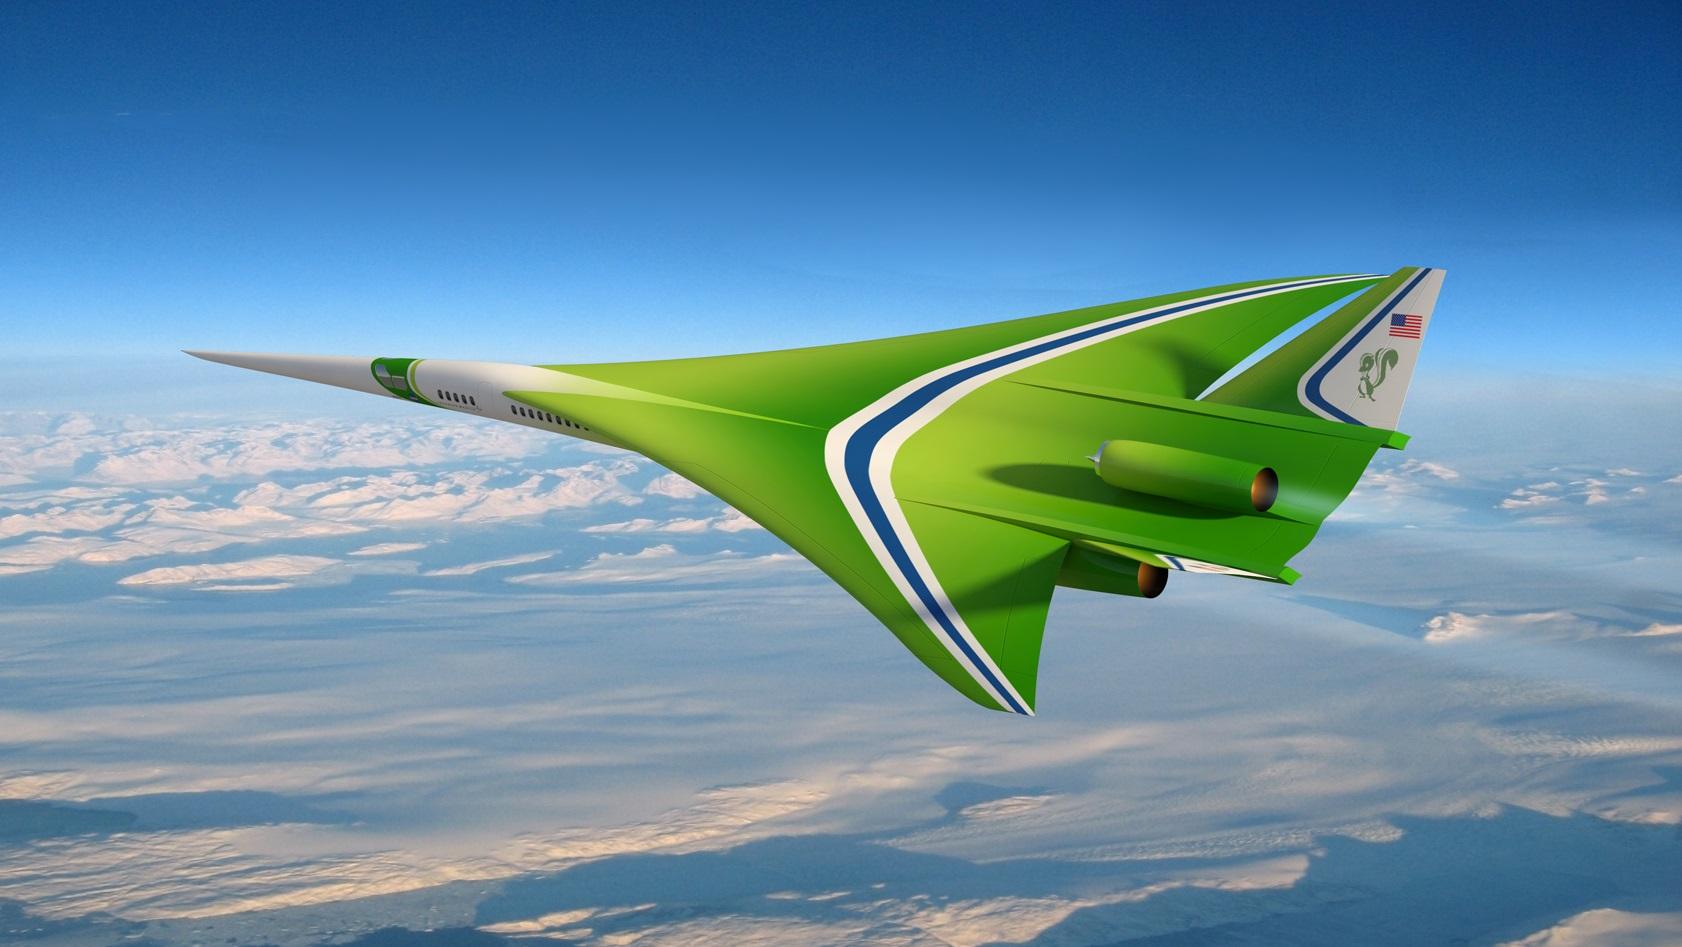 Os aviões do futuro mais legais e mais estranhos da NASA